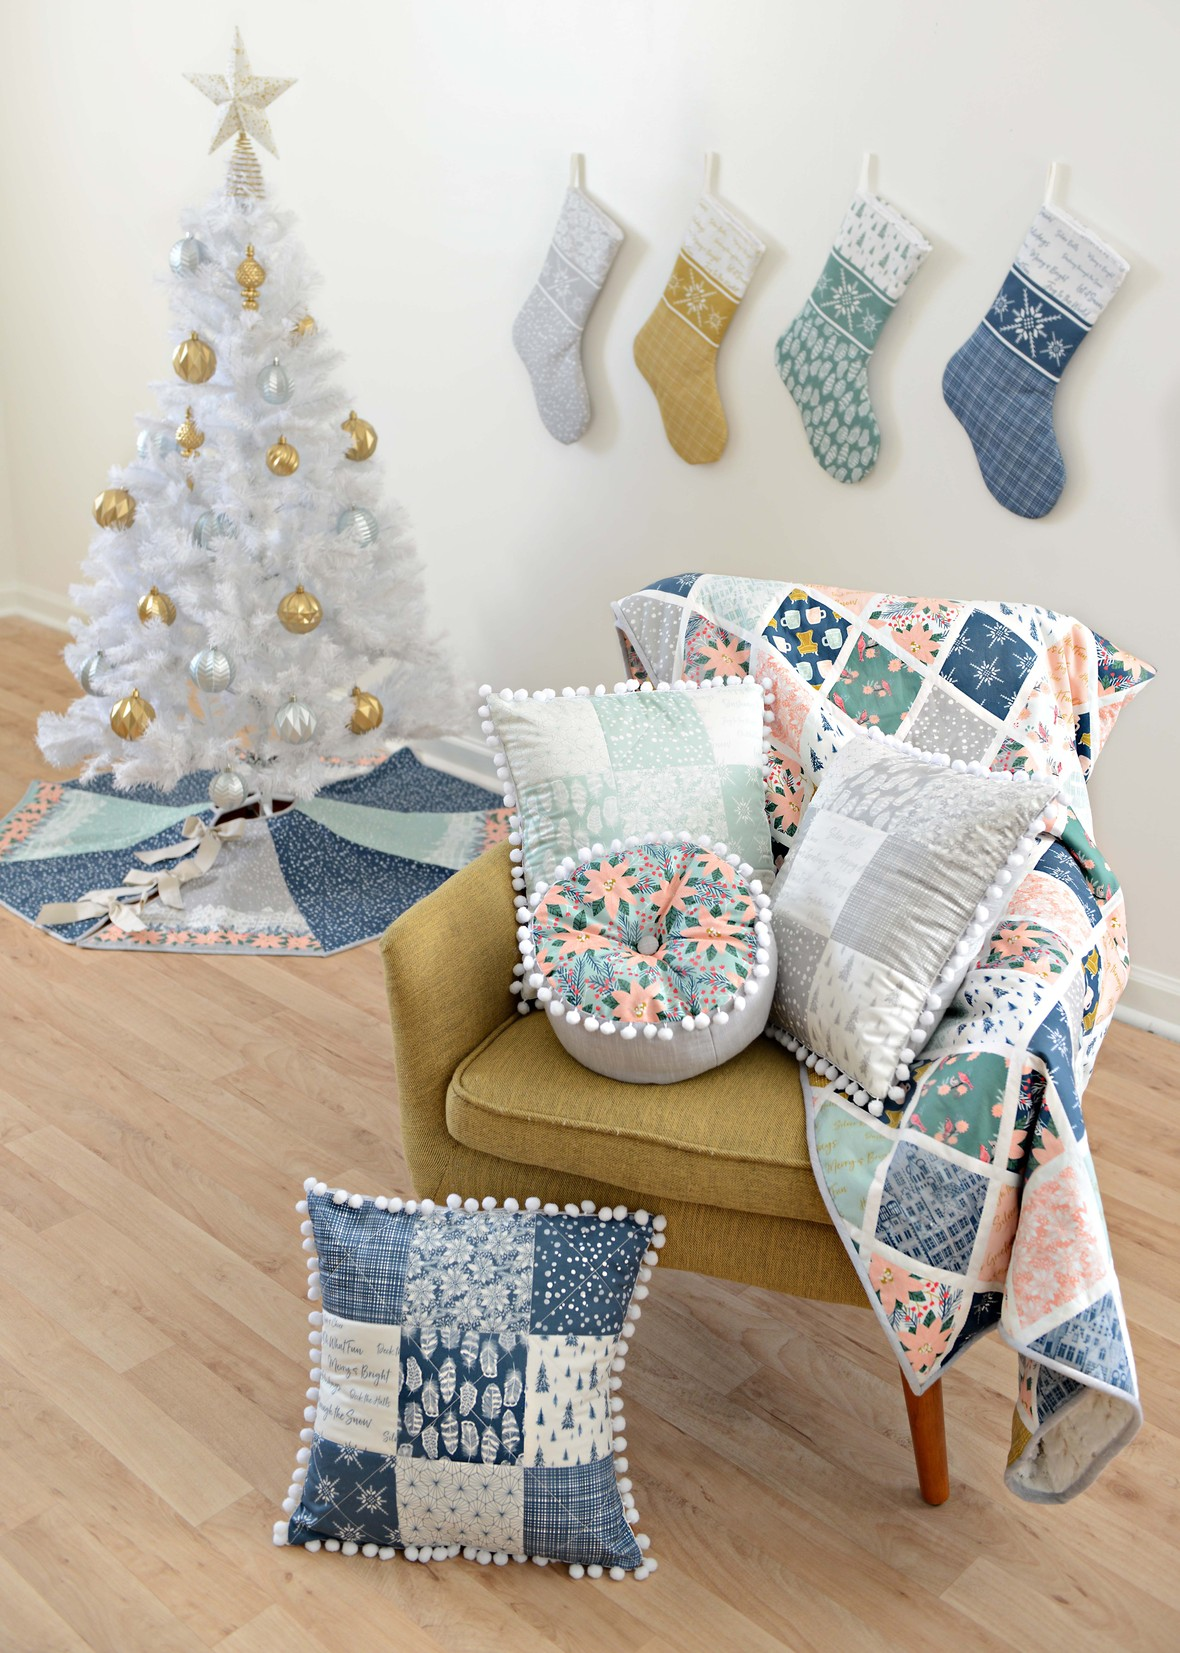 Comfort and Joy Christmas Fabric Prints and Basics